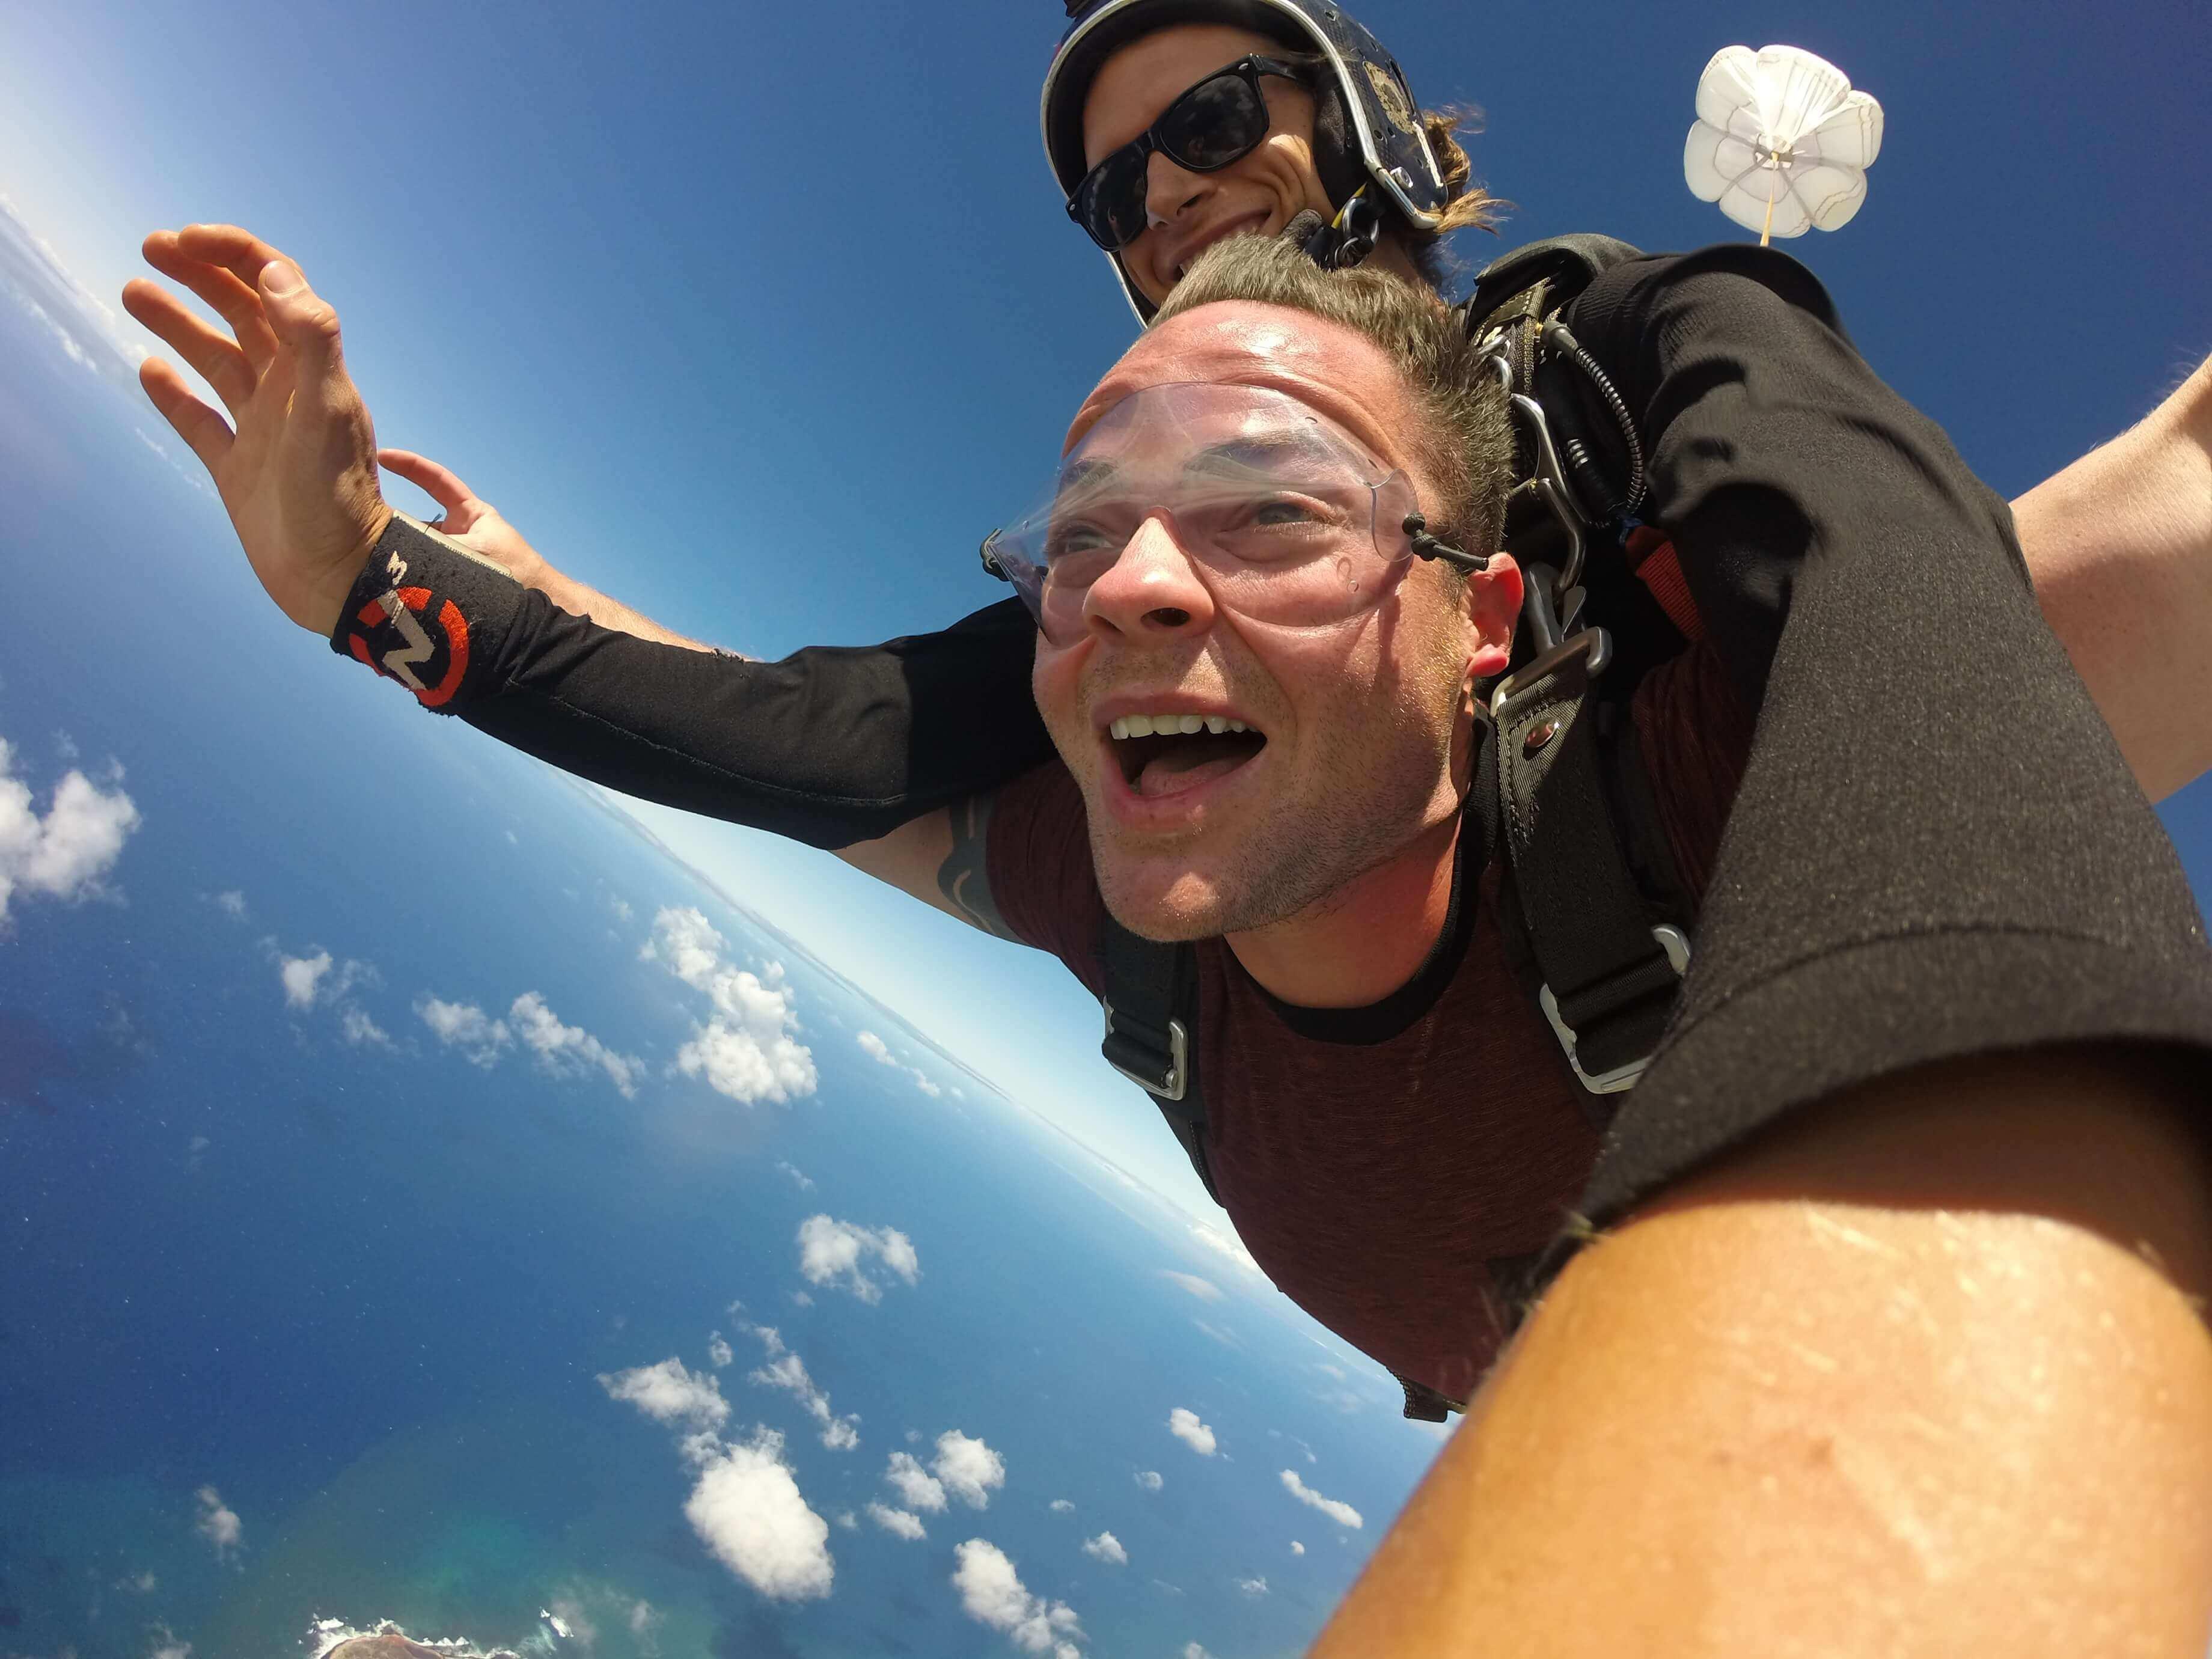 skydiving-kauai